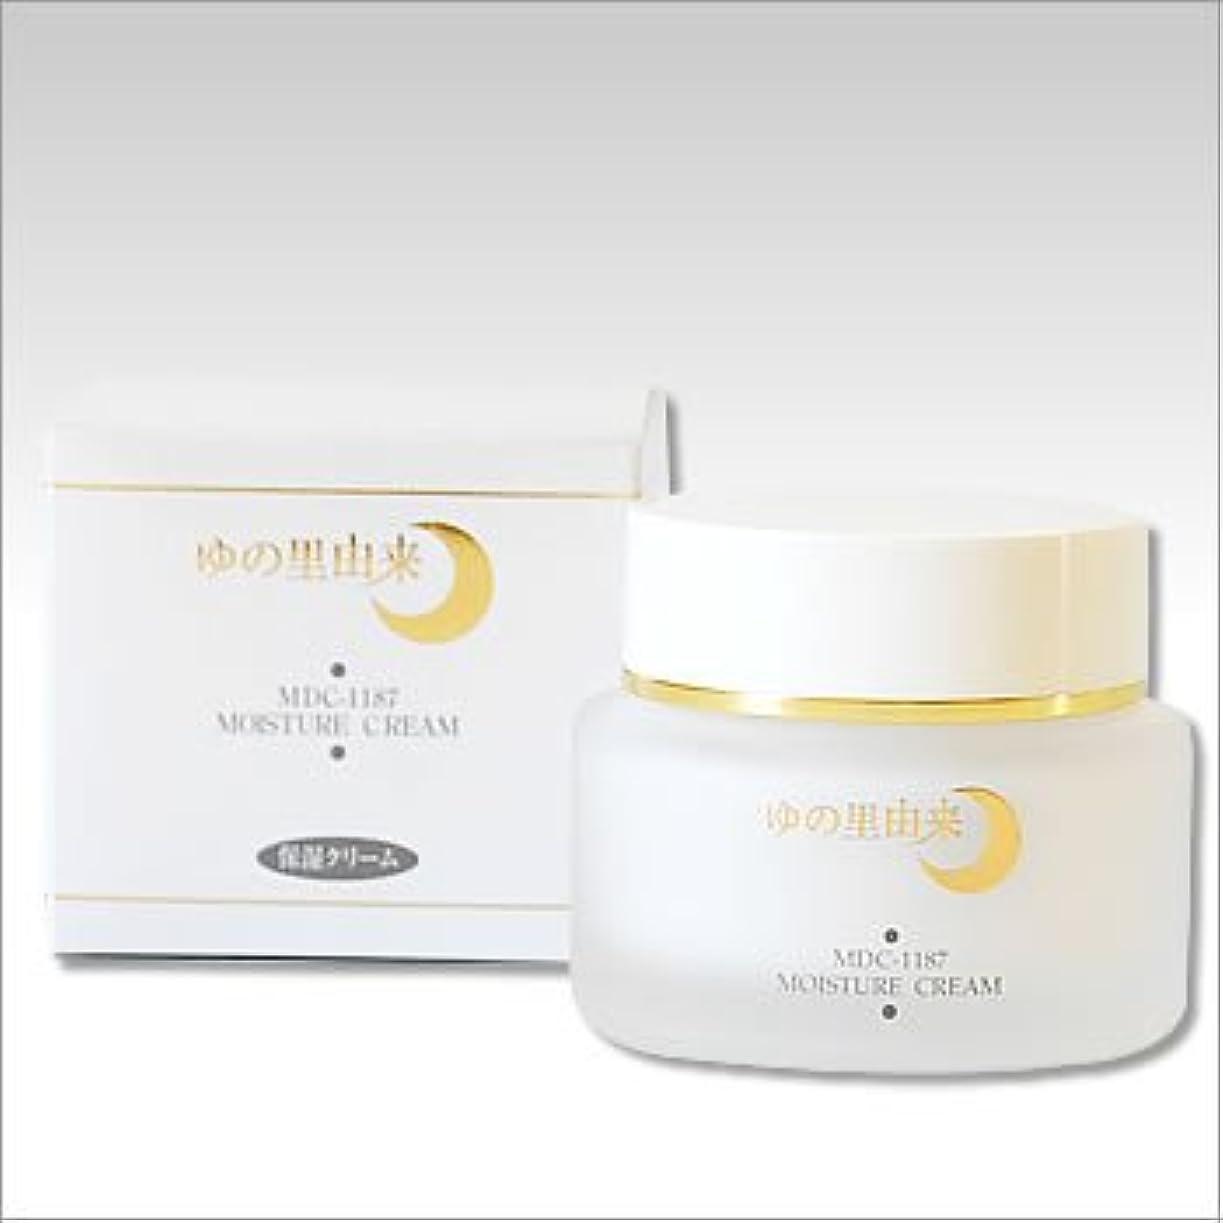 ベリ気性マージンゆの里由来 化粧品 保湿クリーム 30g